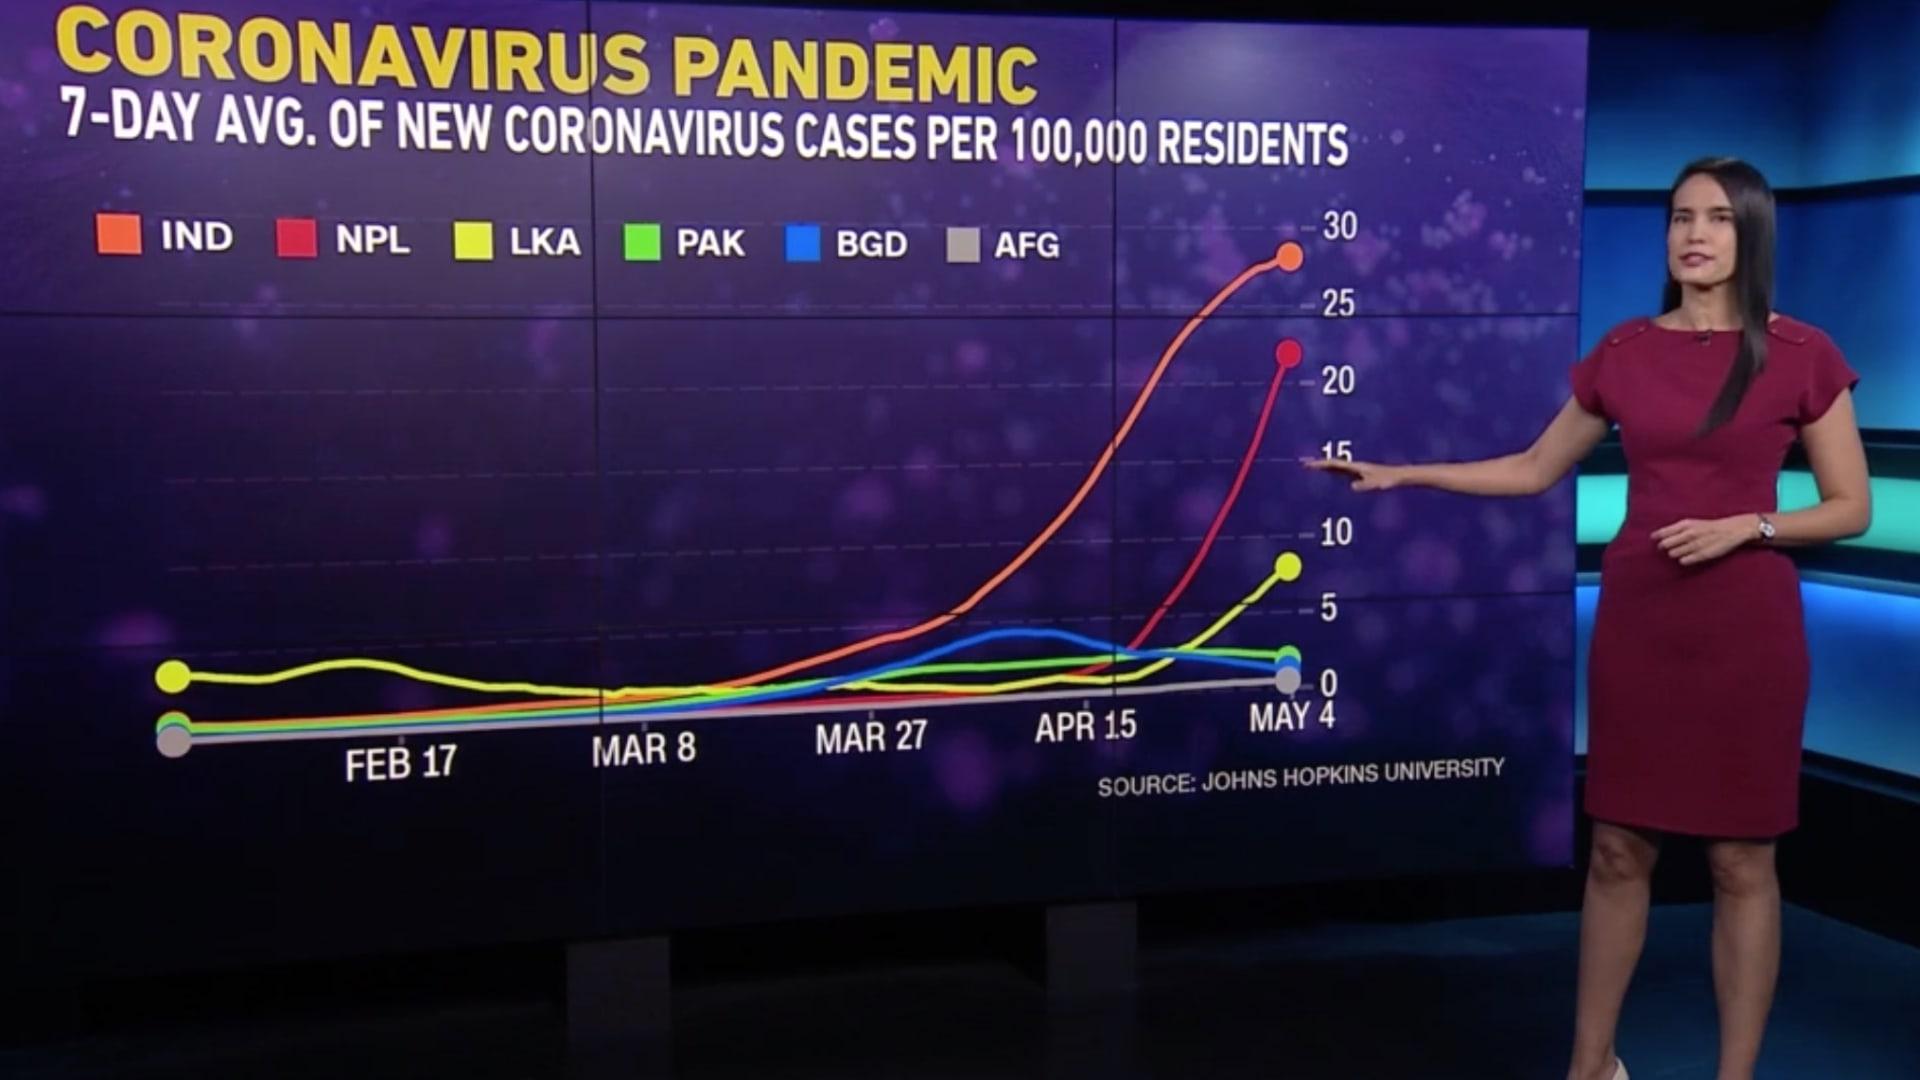 اليونيسيف تدق ناقوس الخطر مع تفشي موجة كورونا الجديدة في آسيا.. ومركزها الهند